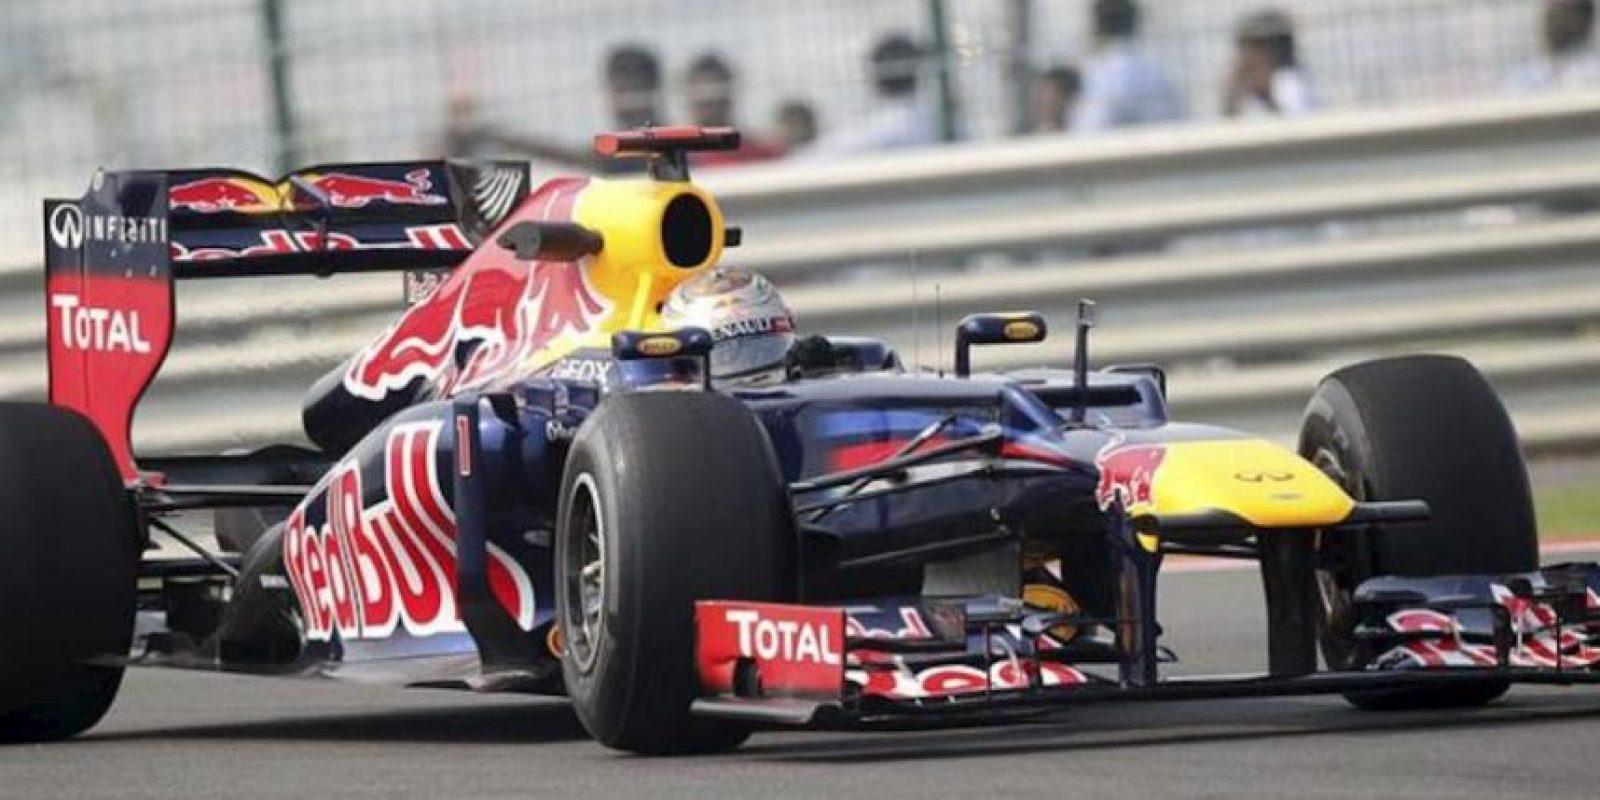 El piloto alemán de Fórmula Uno Sebastian Vettel , de Red Bull, durante la primera sesión de entrenamientos libres en el circuito internacional de Buddh en Nueva Delhi (India). EFE